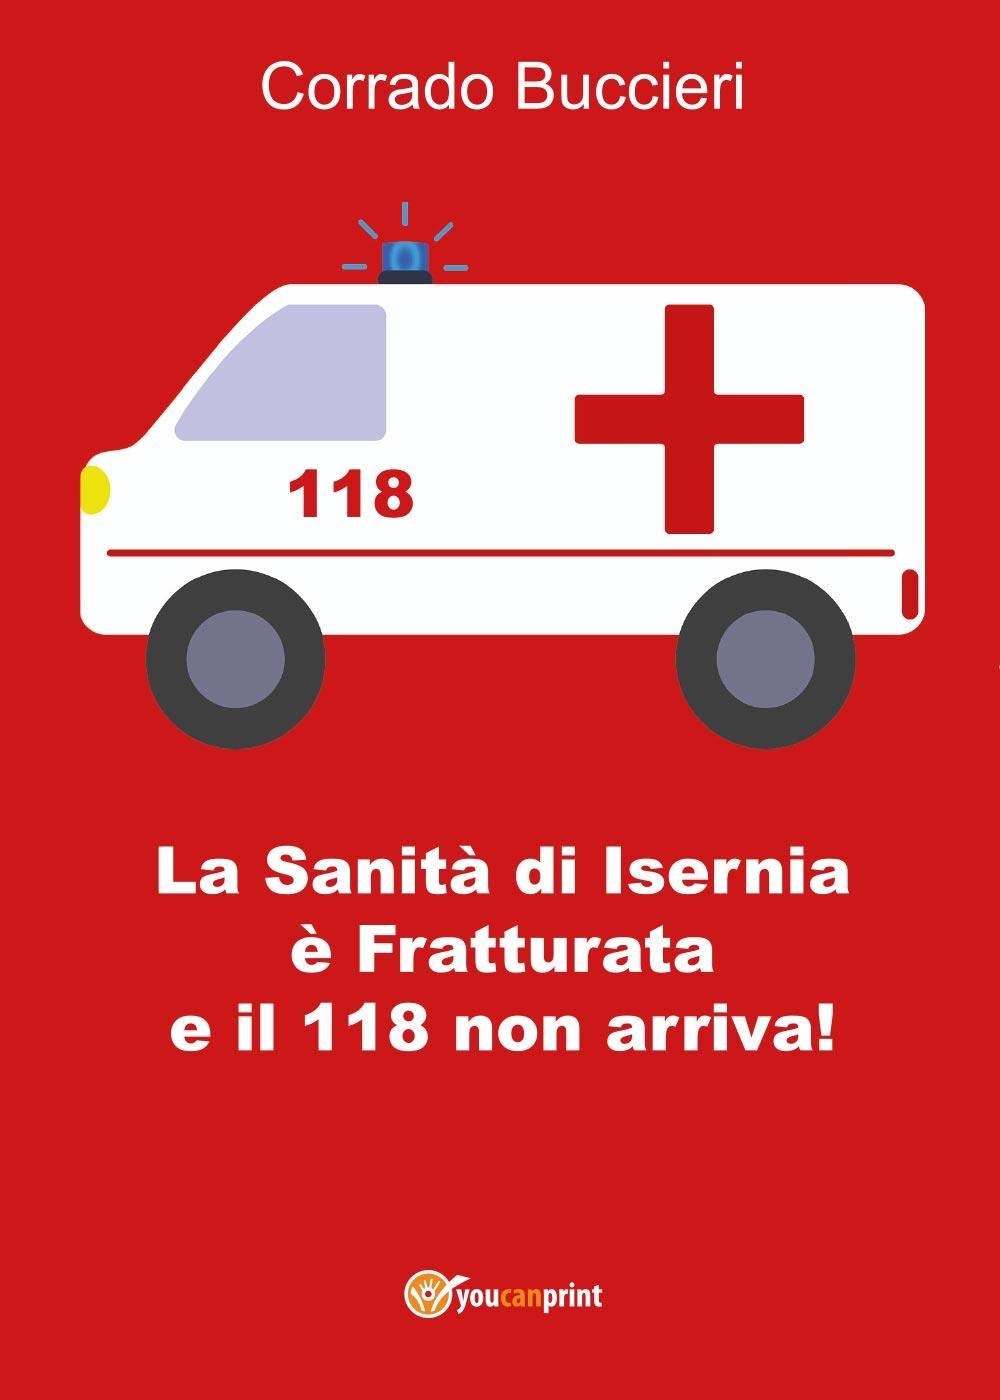 La Sanità di Isernia è Fratturata e il 118 non arriva!